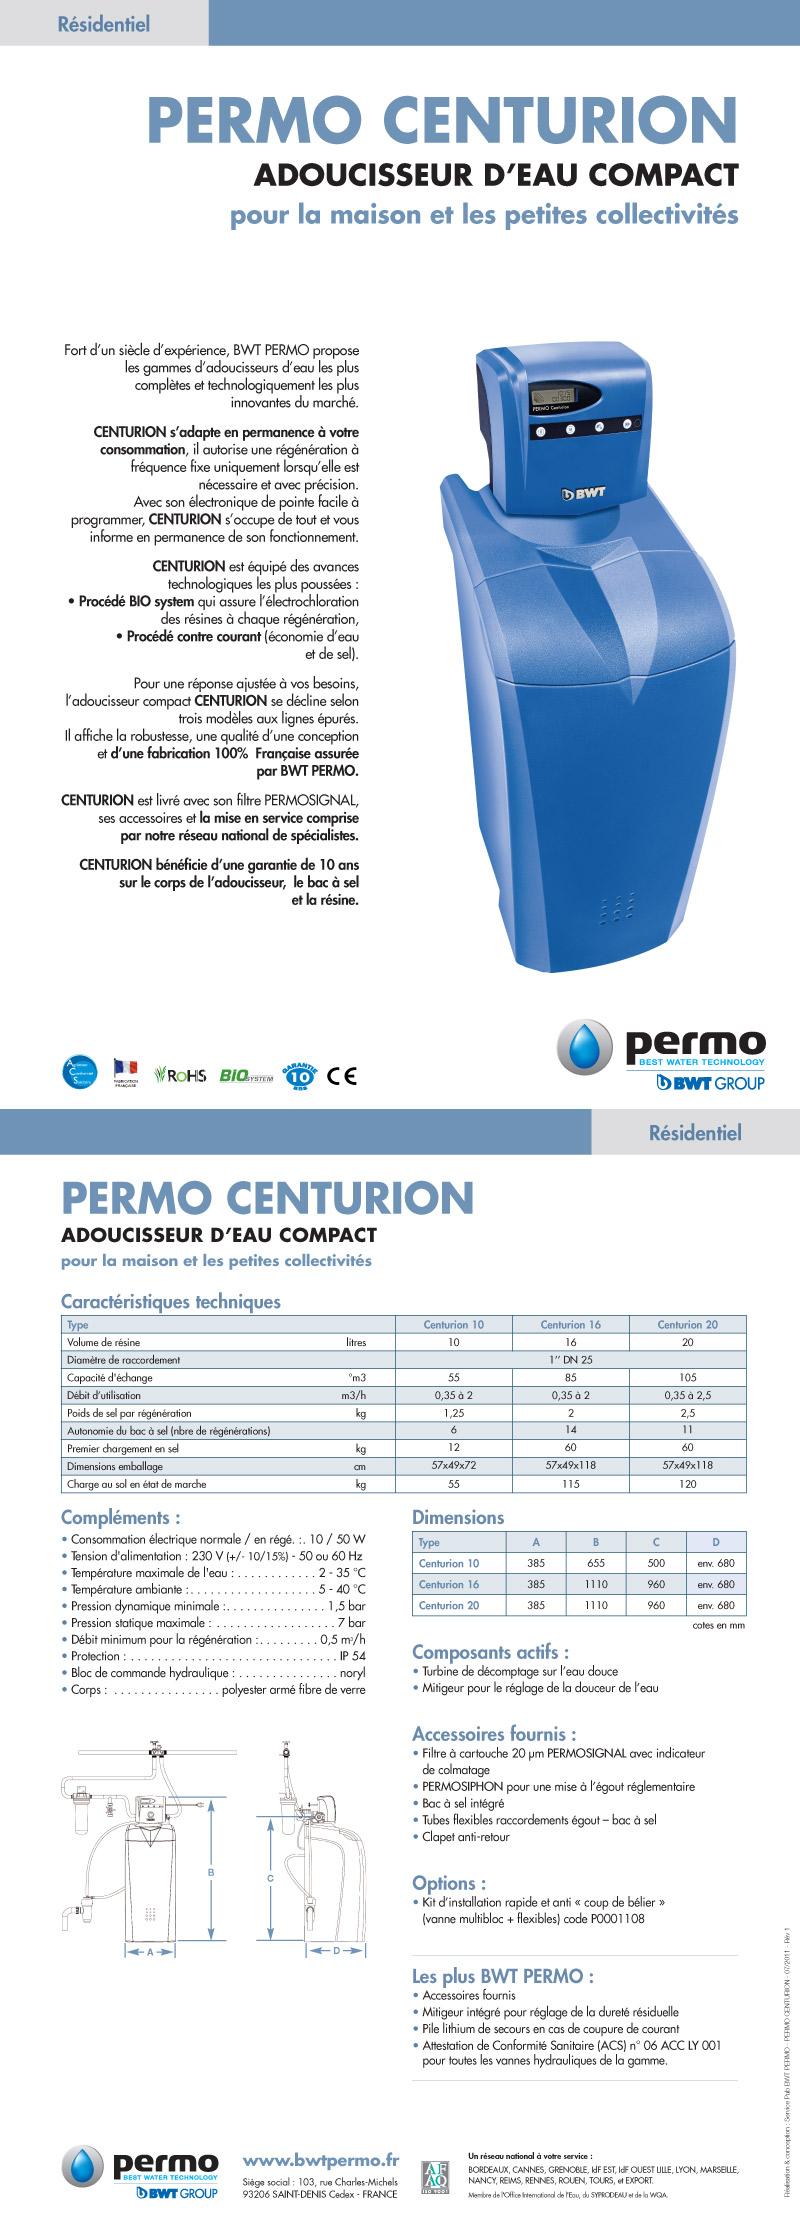 permo centurion adoucisseur d 39 eau compact. Black Bedroom Furniture Sets. Home Design Ideas